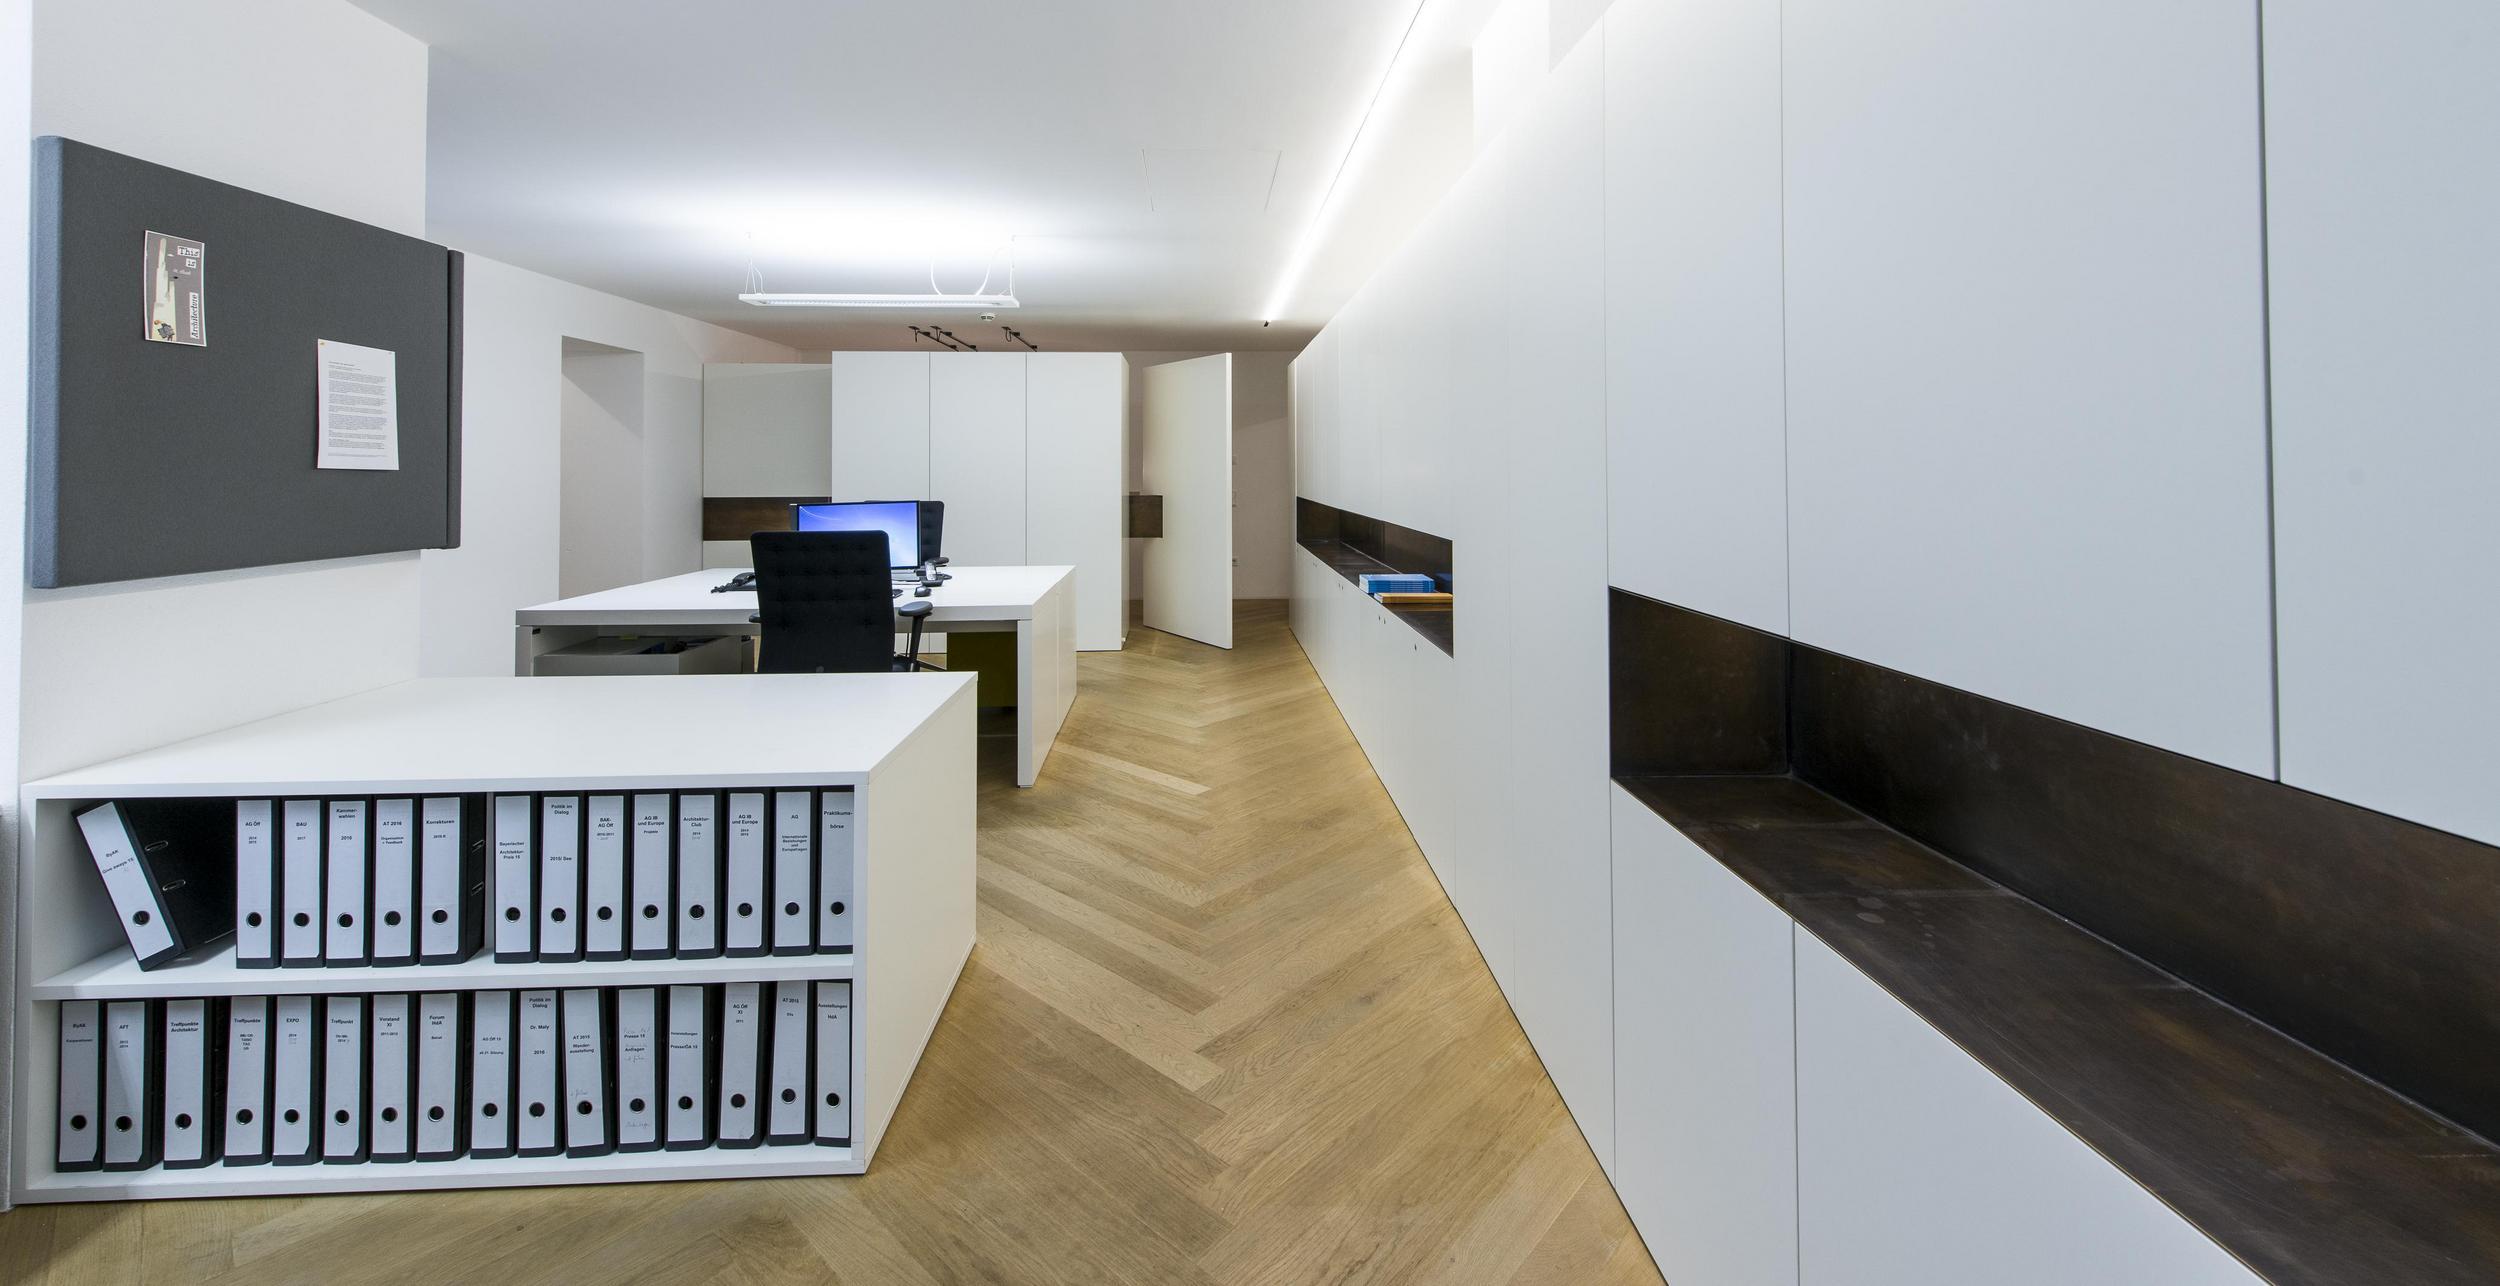 Migranten in Beruf und Ausbildung   Bayerische Architektenkammer